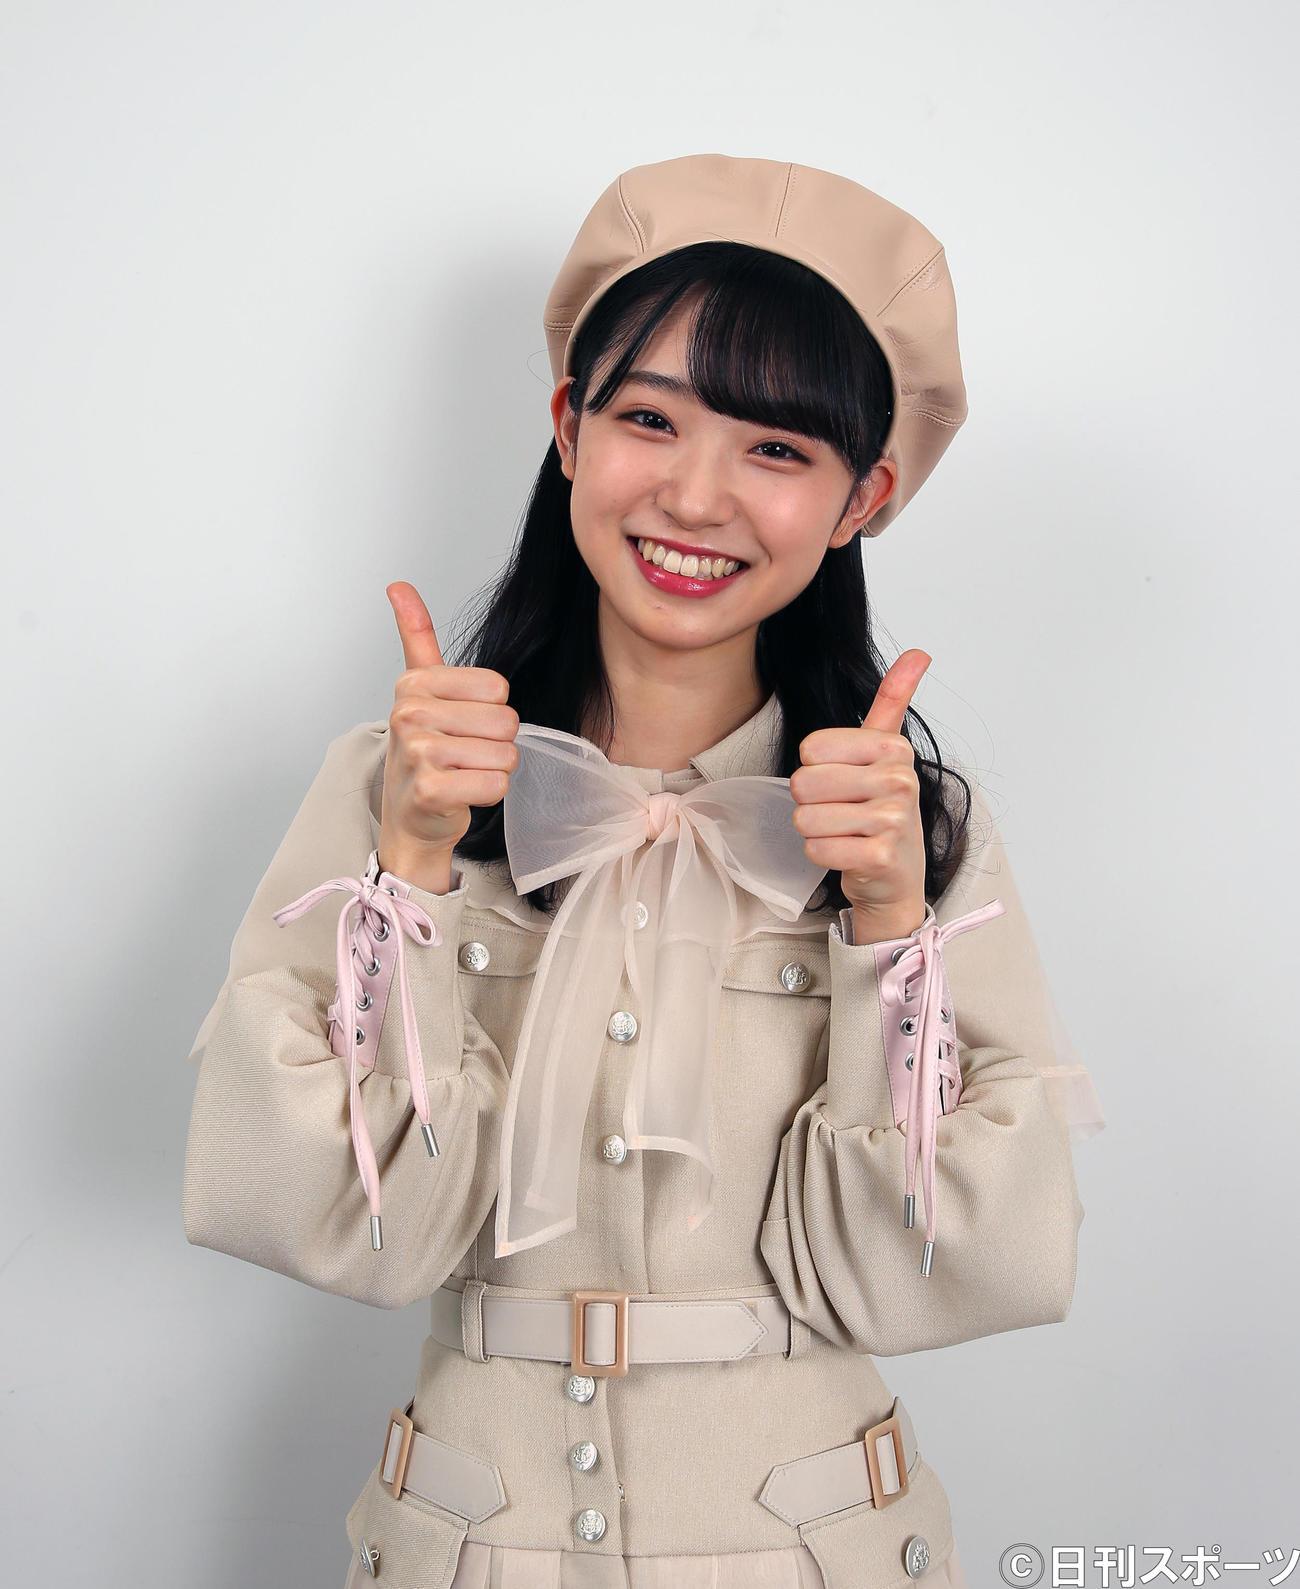 「ハーグー」ポーズのありがとうを表すサムアップで笑顔を見せるAKB48山内瑞葵(撮影・大野祥一)